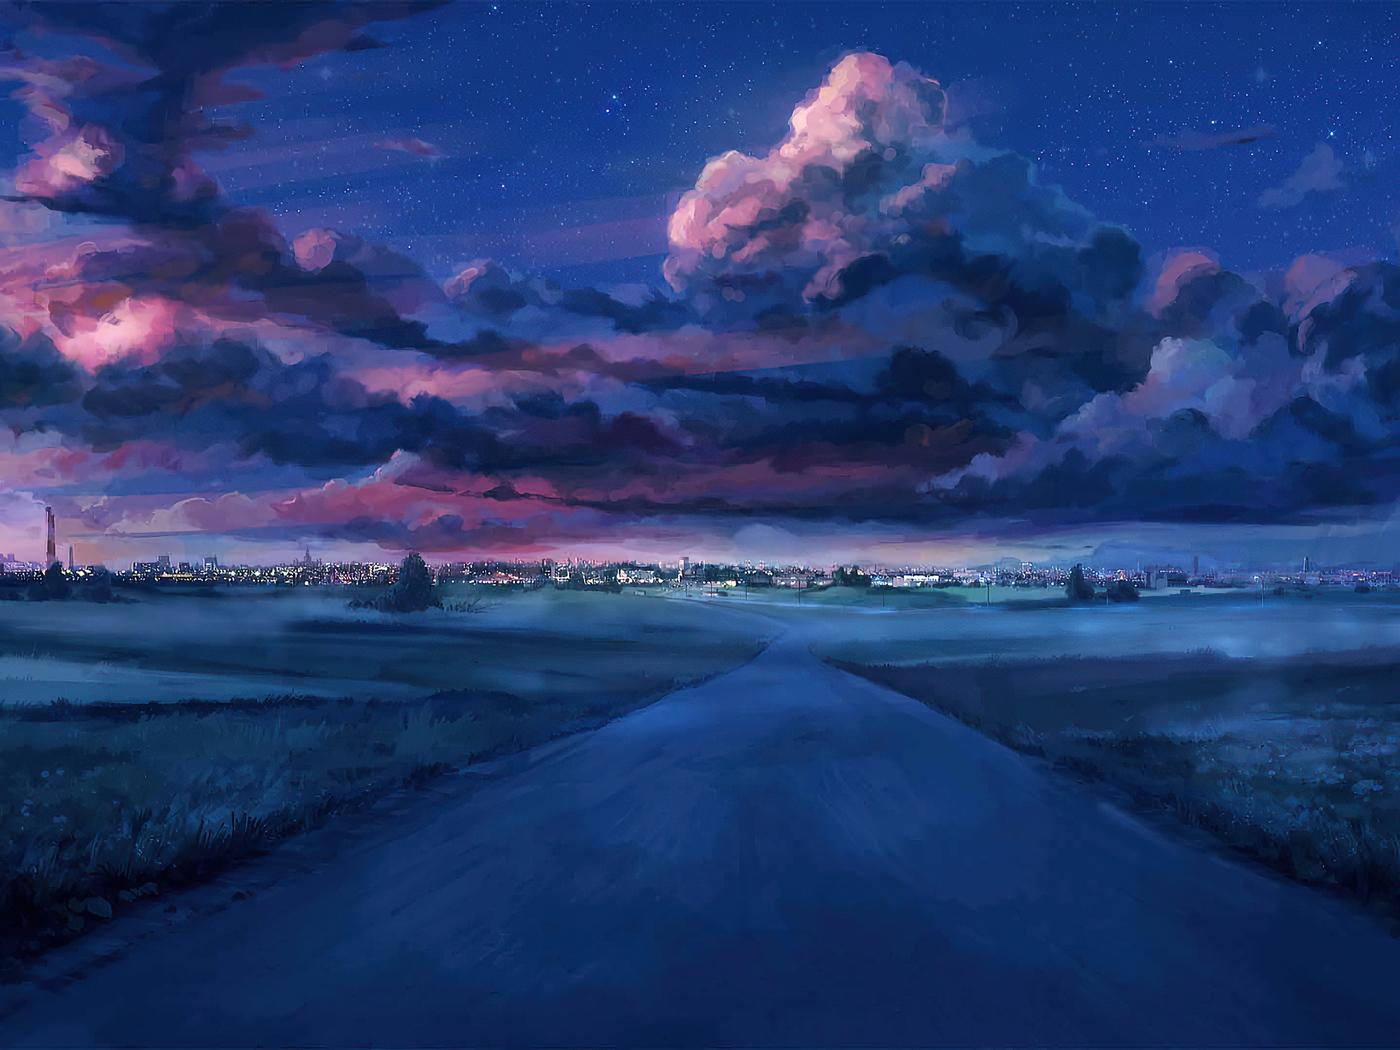 anime-road-to-city-everlasting-summer-4k-ep.jpg